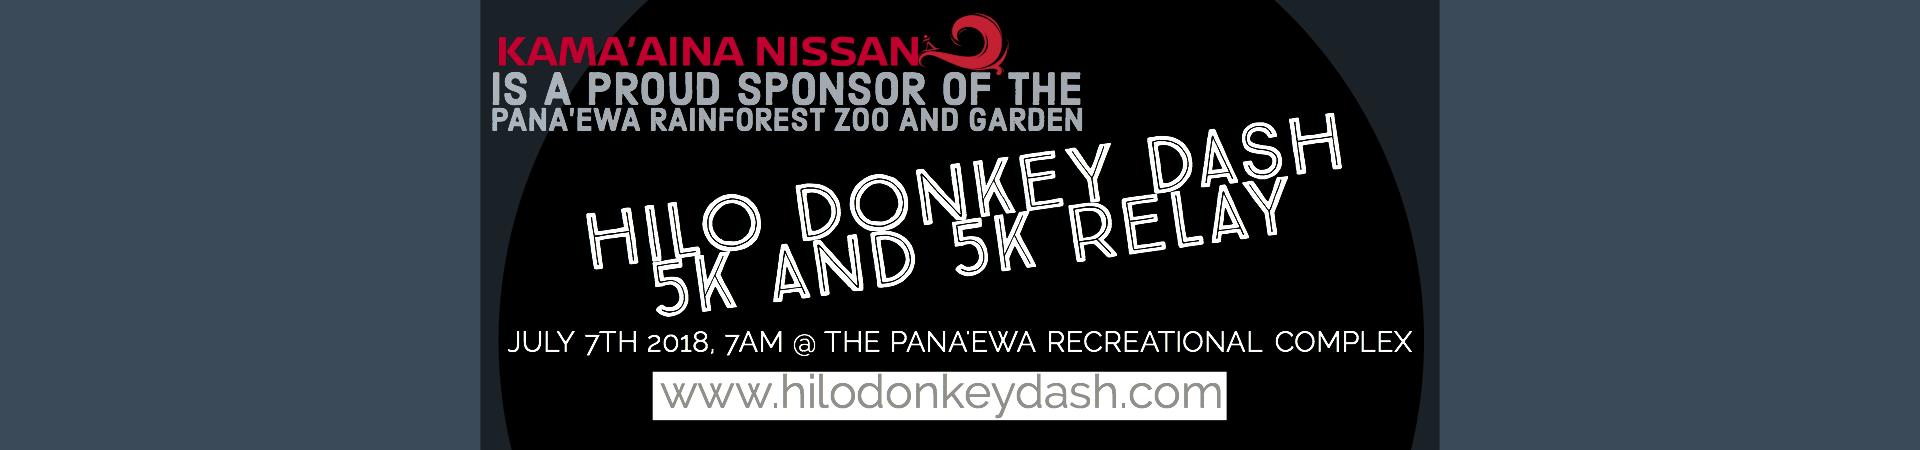 Choose Nissan   Kama'aina Nissan   Hilo, Hawaii 96720